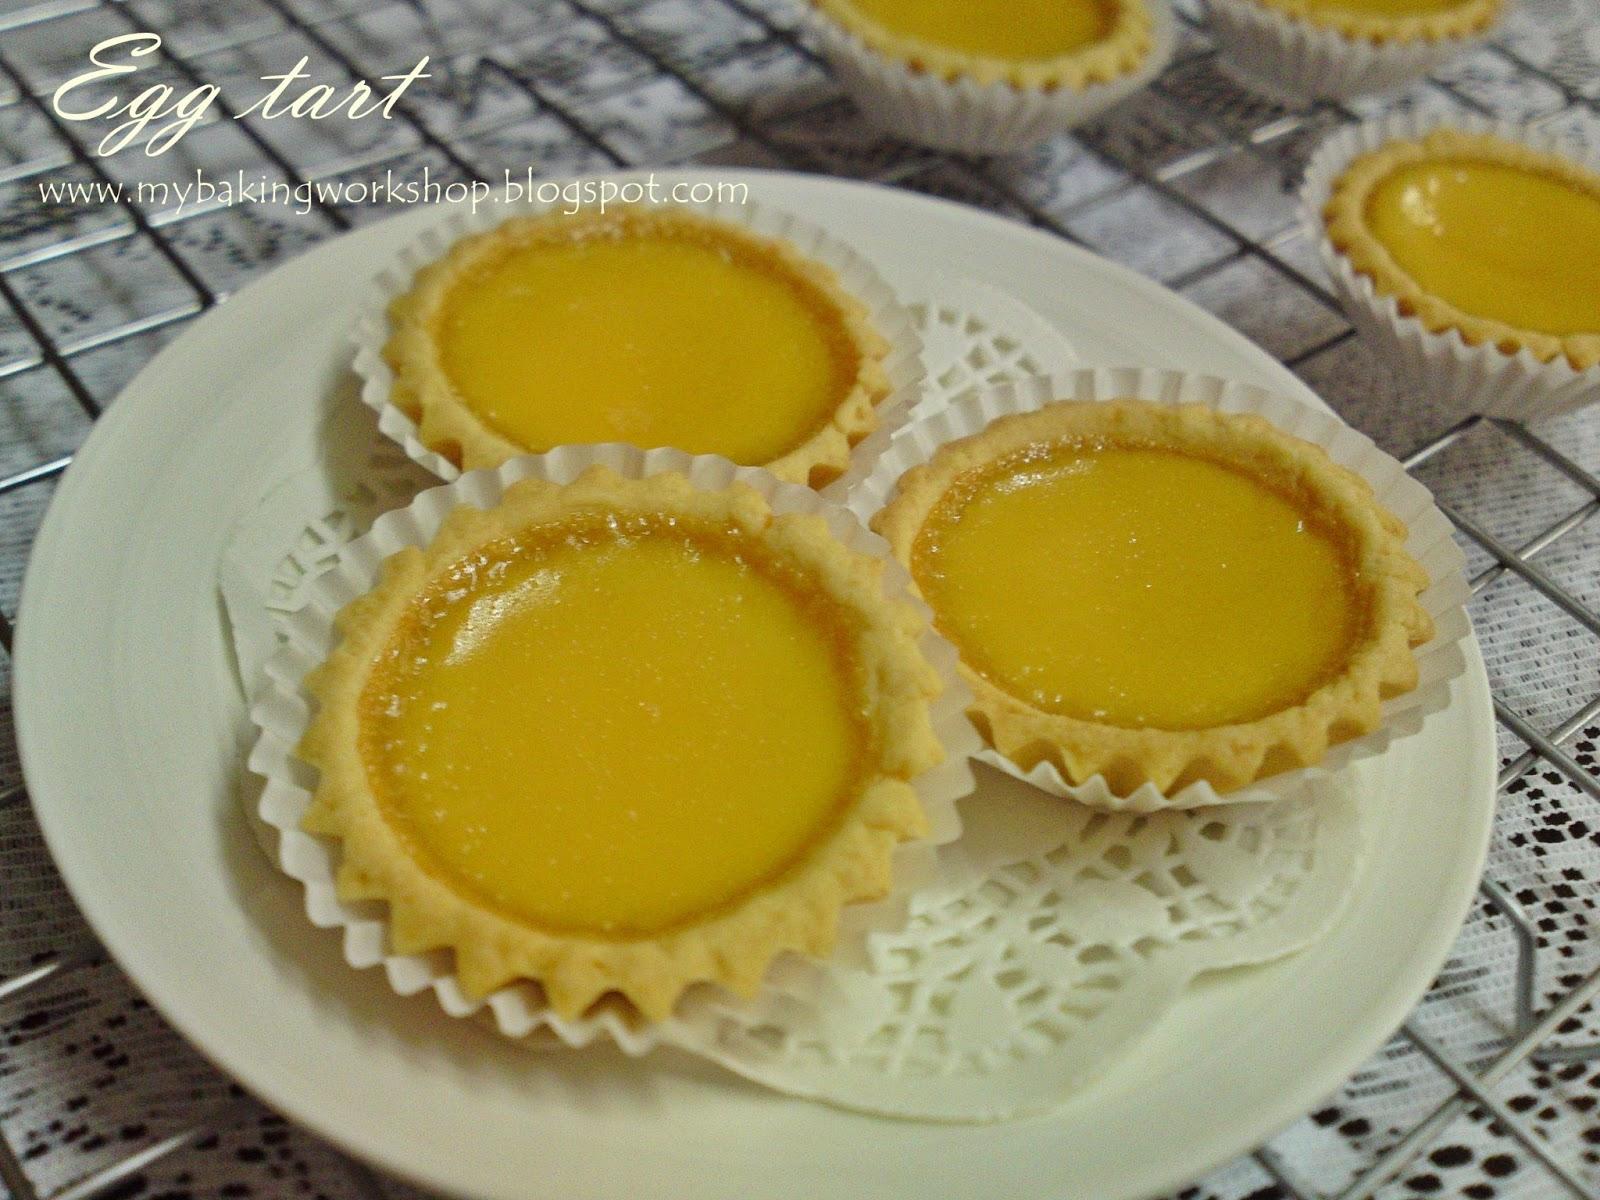 Pin Hasue I Love My Life Resepi Blended Orange Cake Cake on Pinterest